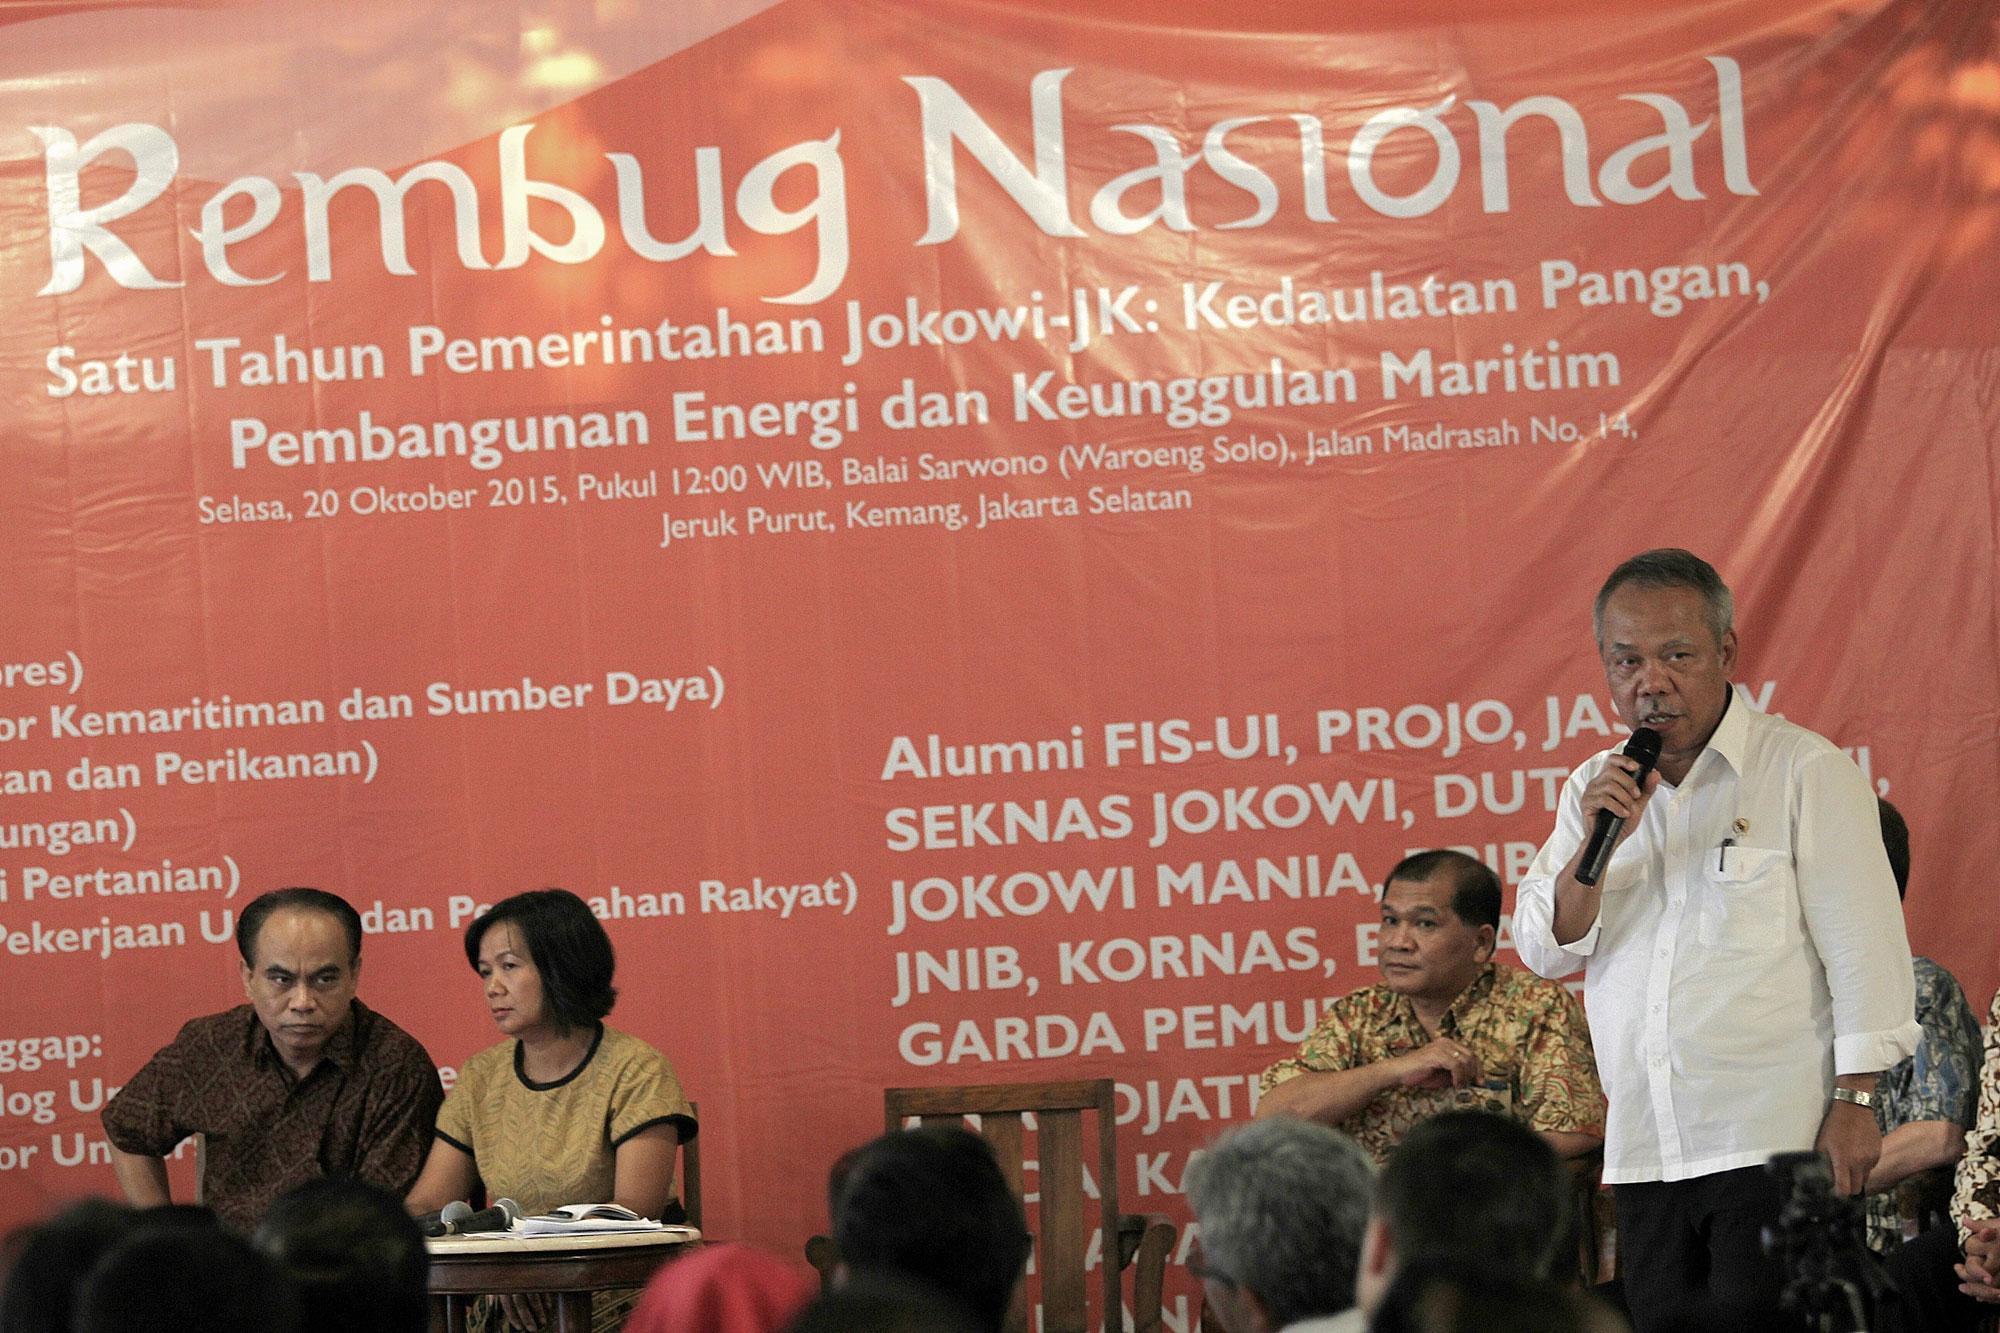 Menteri PUPR, Basuki Hadimoeljono saat presentasikan kinerja kementerian pada acara Rembuk Nasional Satu Tahun Pemerintahan Jokowi di Jakarta